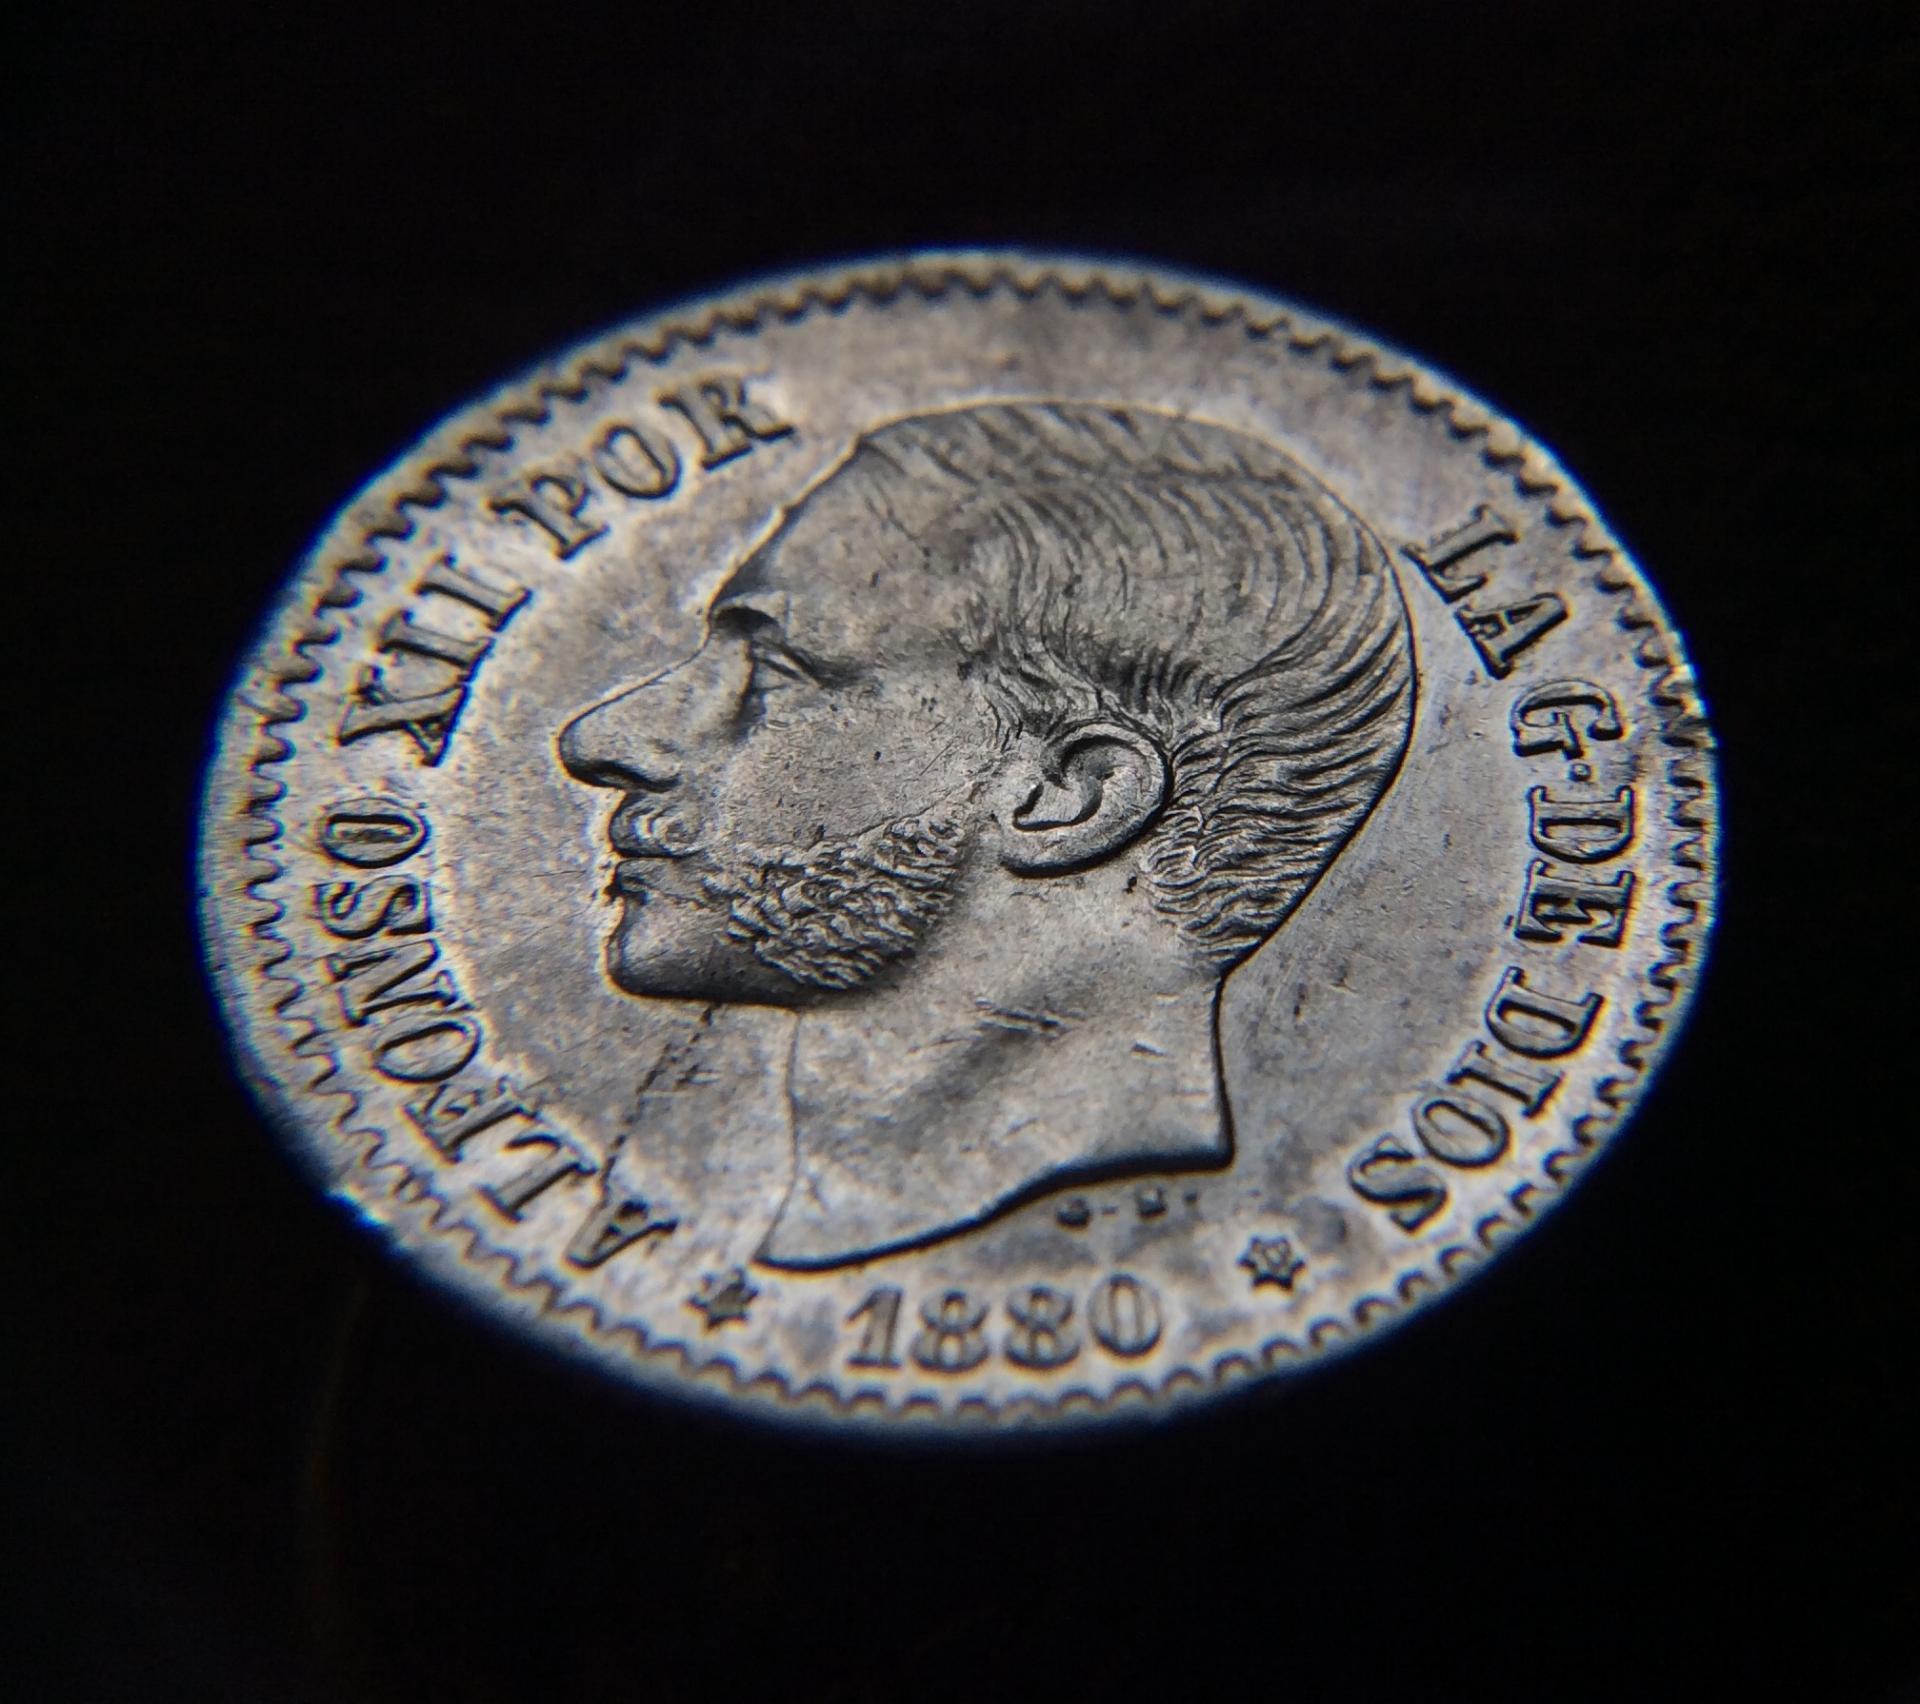 50 CÉNTIMOS PLATA 1880 - ALFONSO XIII - PRÁCTICAMENTE SIN CIRCULAR